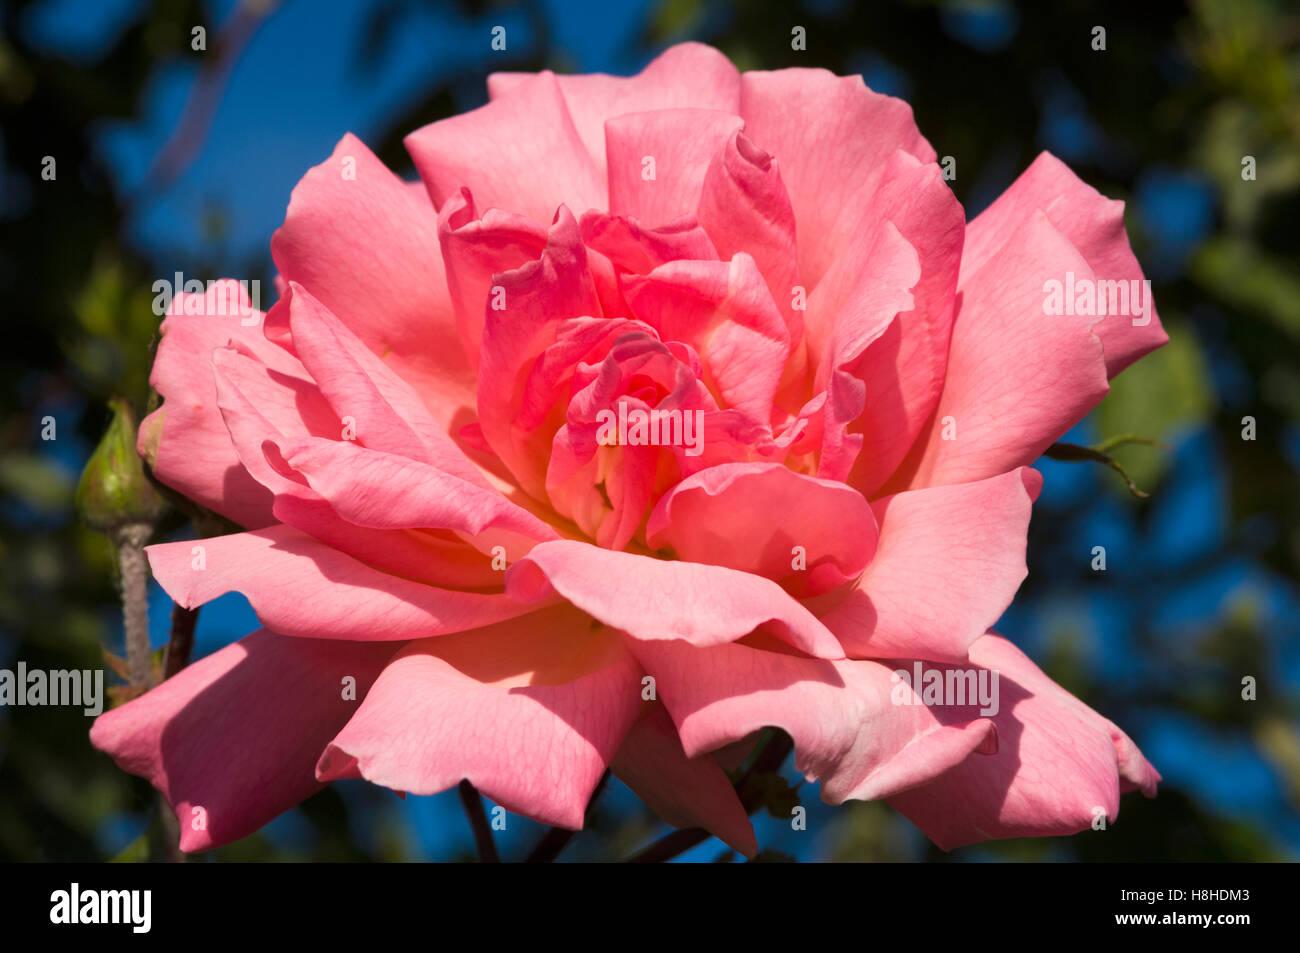 Hybrid tea rose Rosa 'Rosy Mantle'.  London, UK - Stock Image